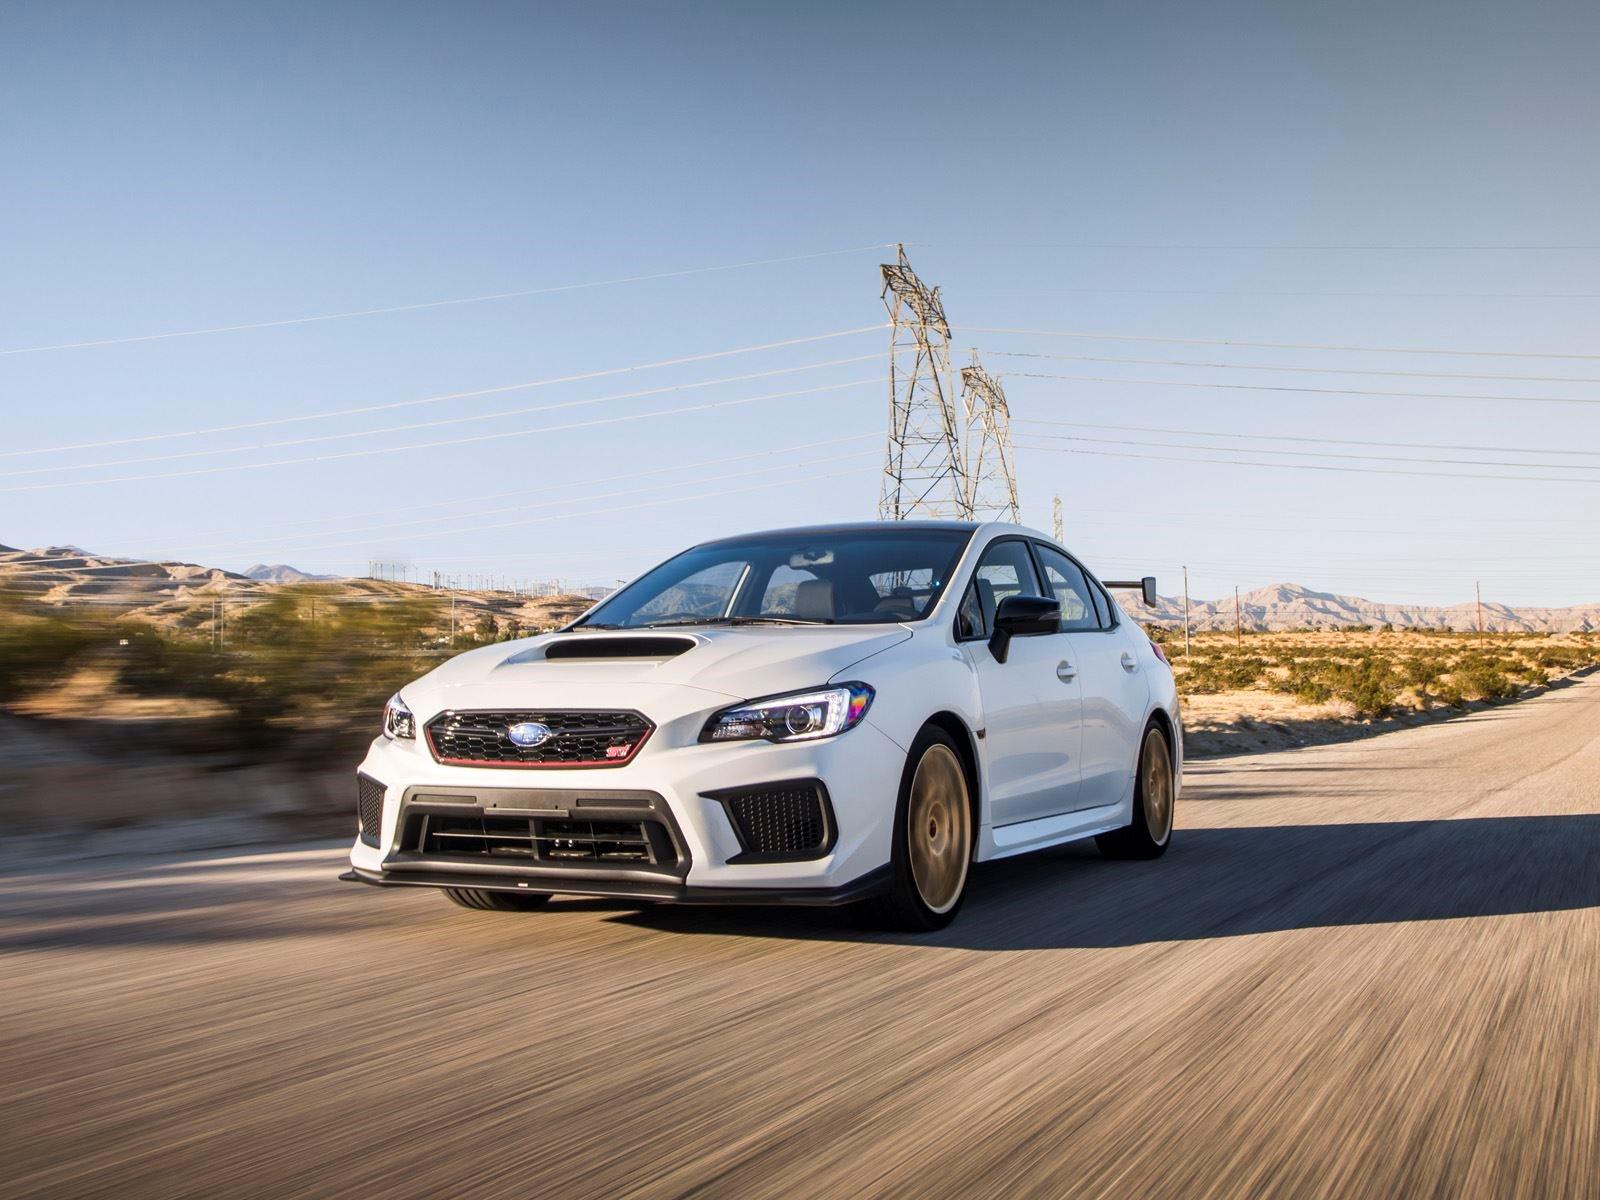 Спортивный седан Subaru мощностью 305 лошадиных сил получит немного больше мощности в 2019 году, и вы можете поблагодарить ограниченный выпуск Type RA 2018 года за это обновление. Согласно источнику «The Truth About Cars», документ, отправленный Suba